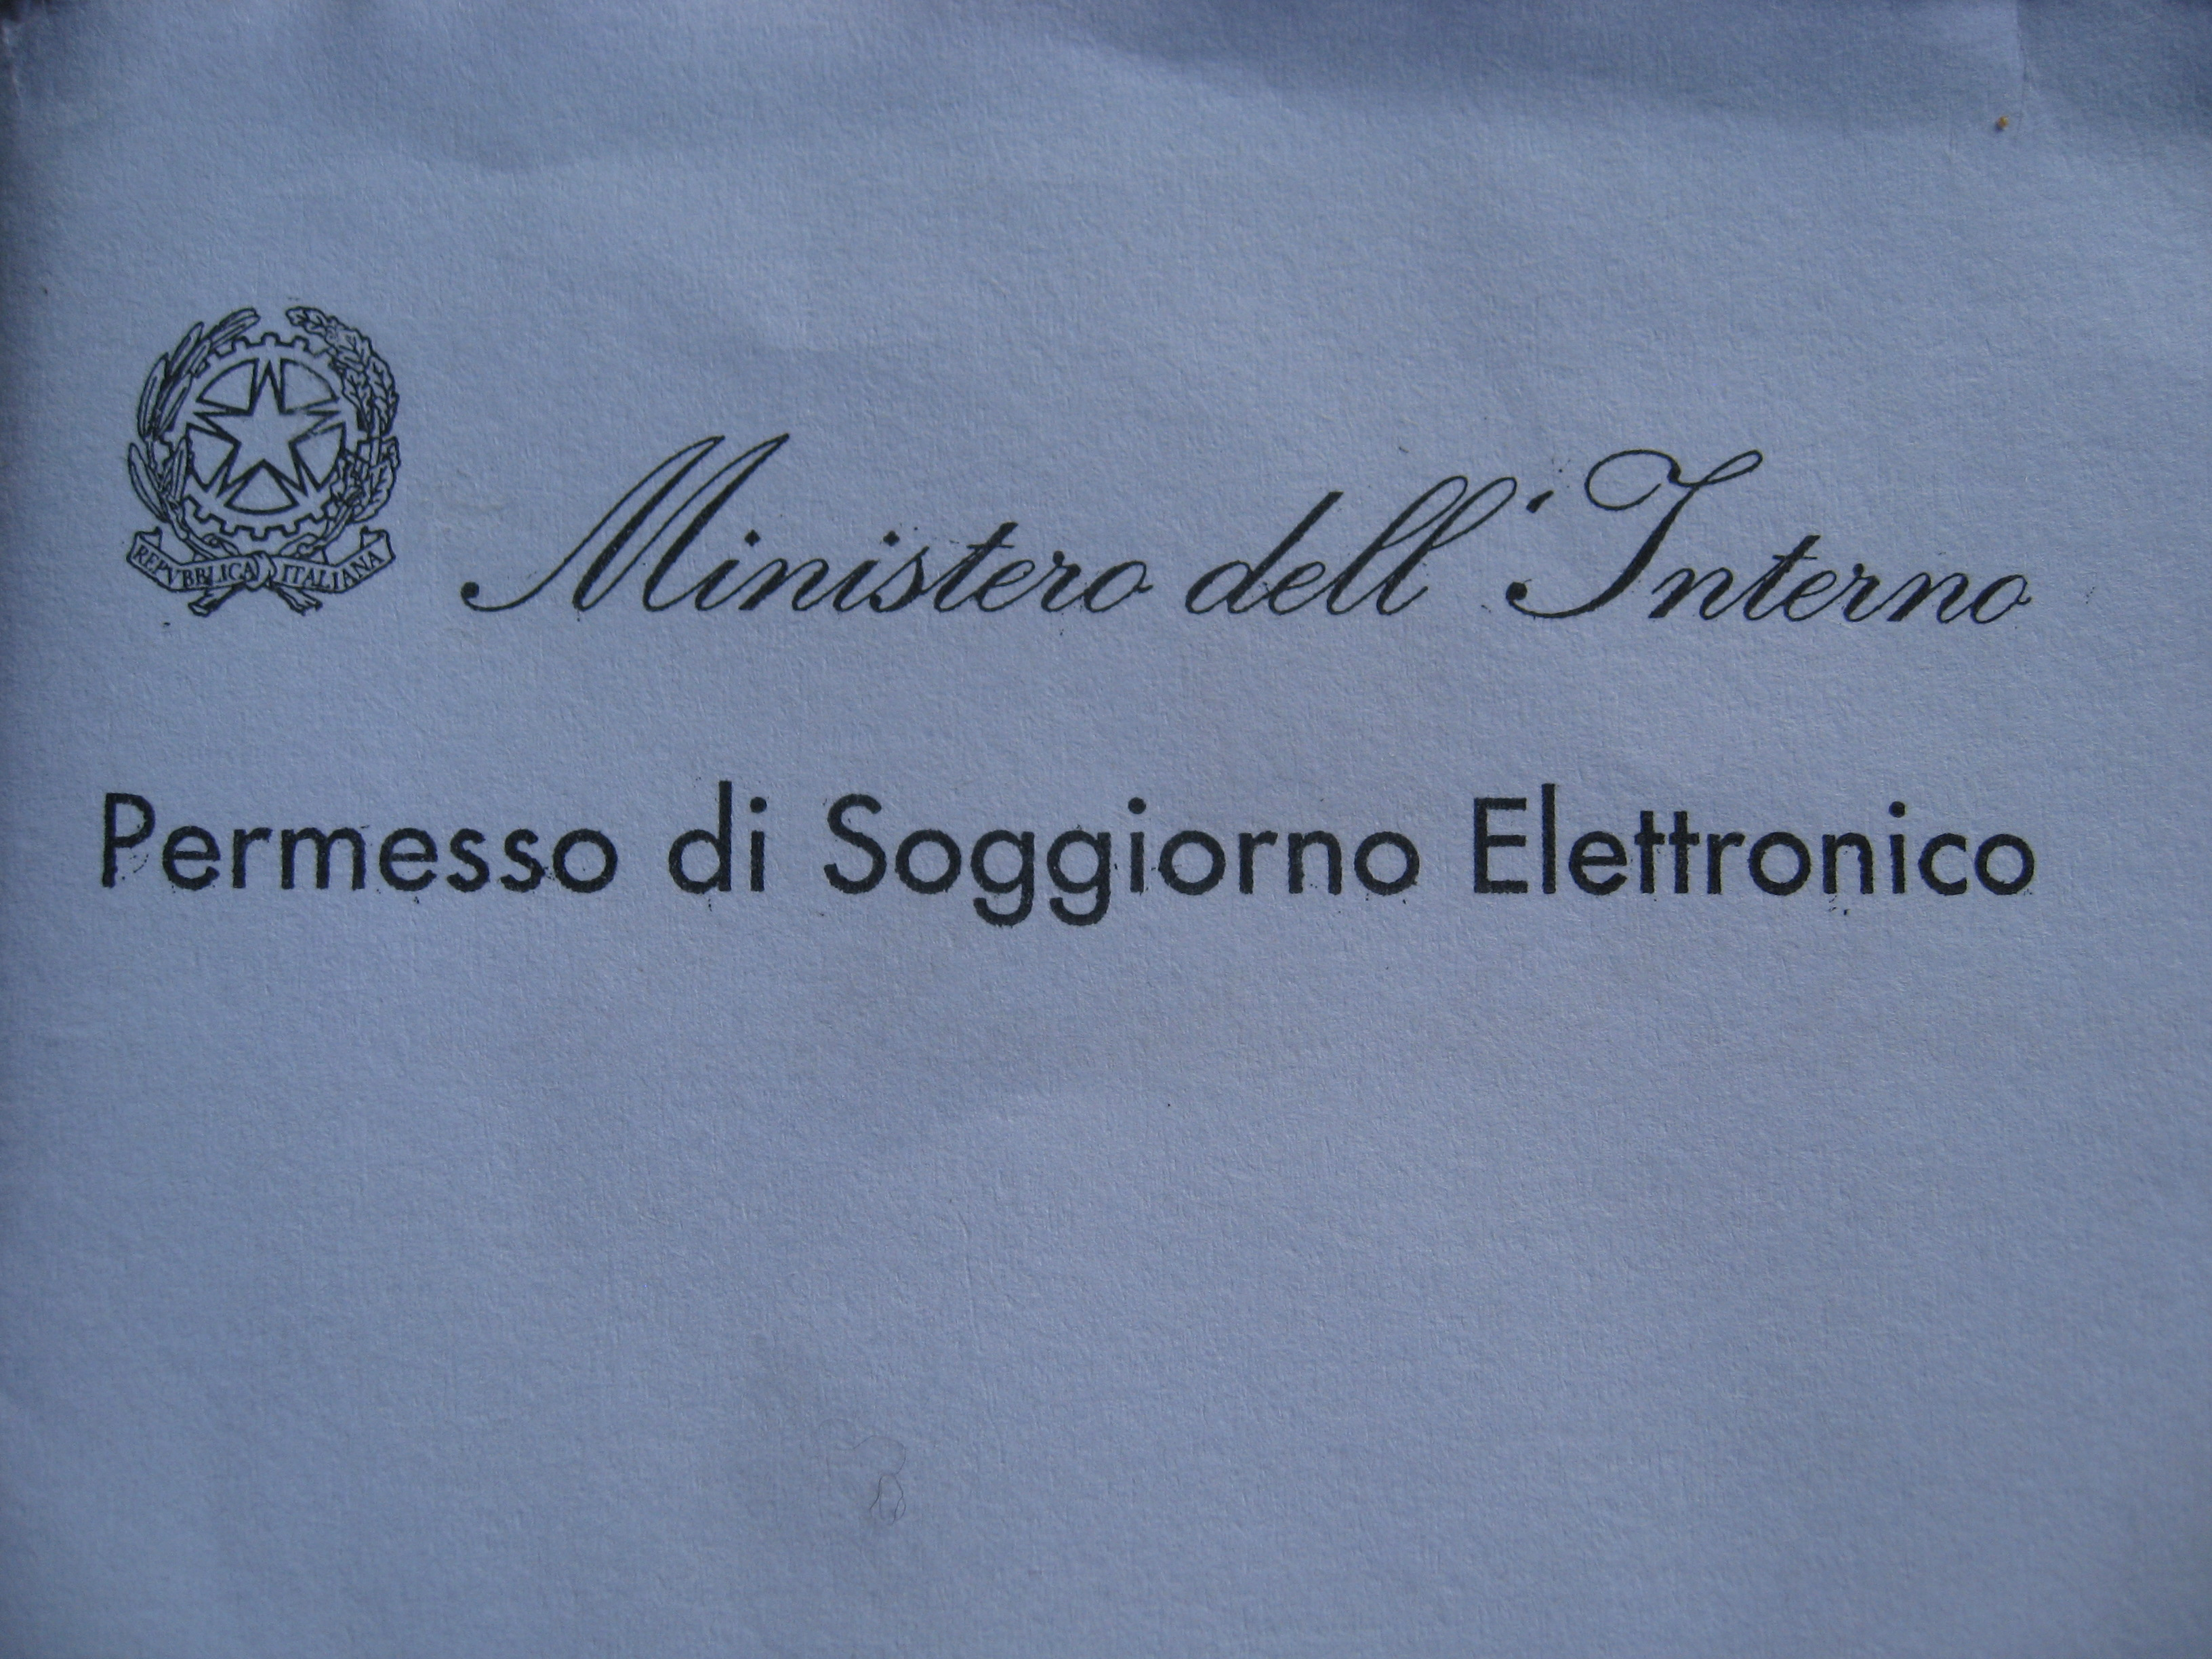 Permesso Di Soggiorno Numero Assicurata - newhairstylesformen2014.com